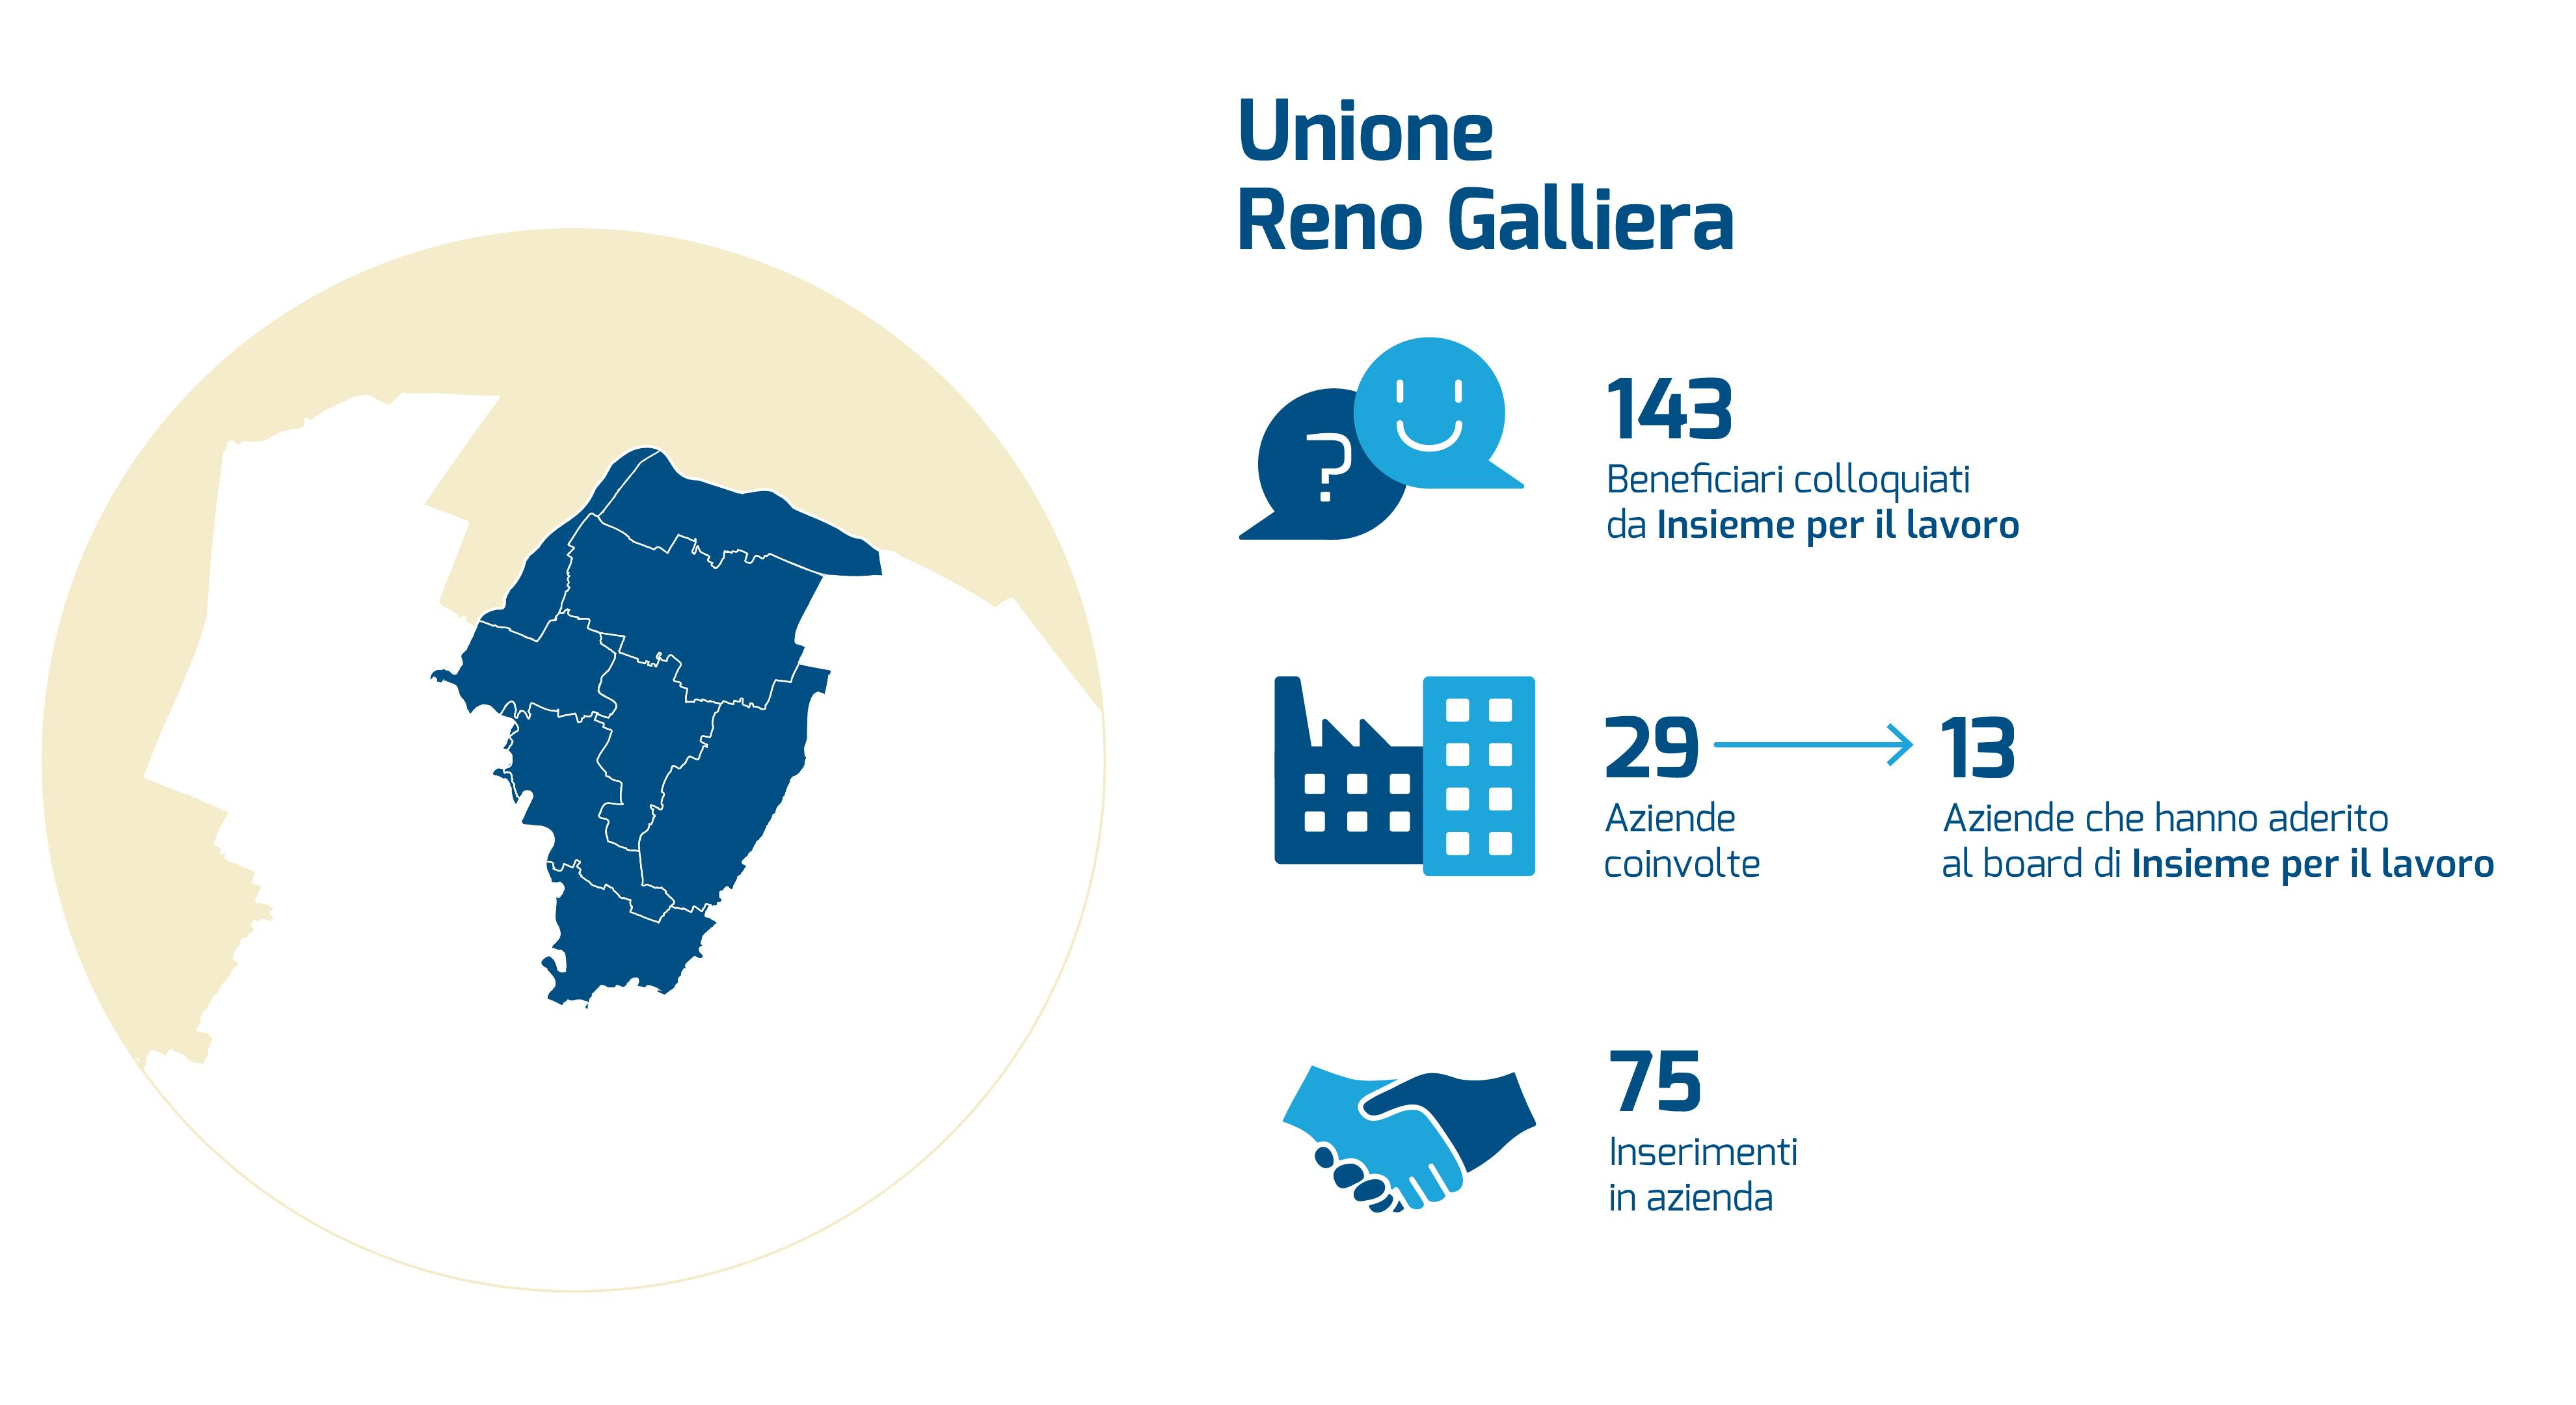 info-grafica Unione Reno Galliera